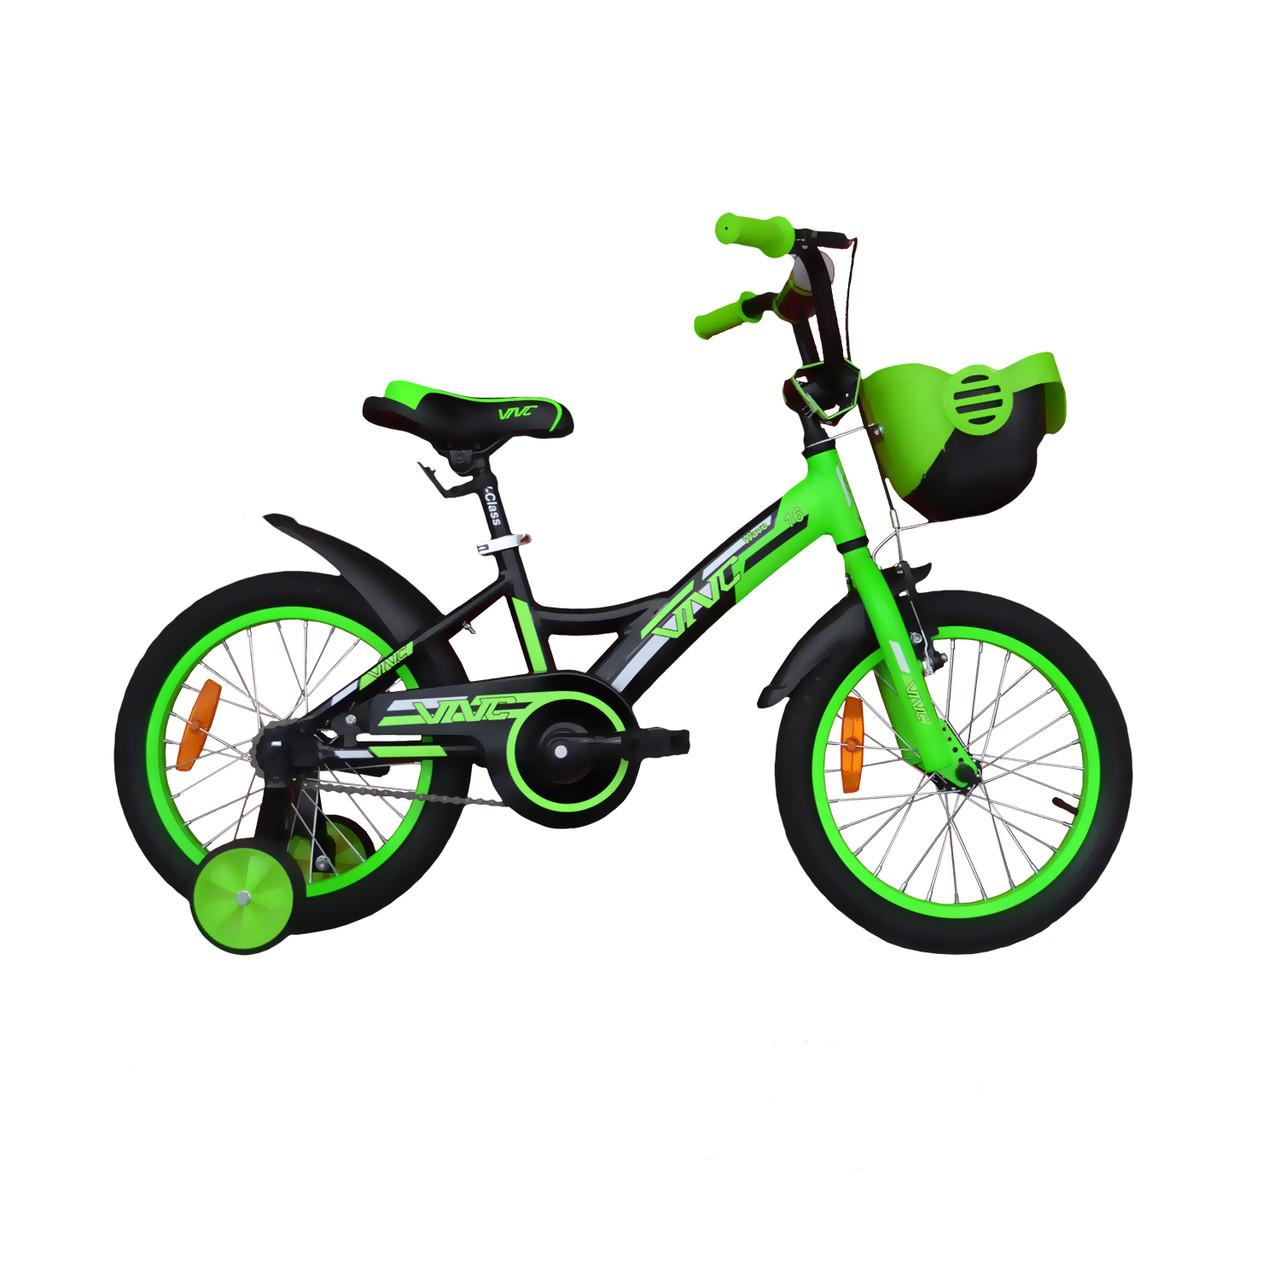 """Велосипед VNC 16"""" Wave, 1619-GA, Зеленый / Черный 8.5"""""""